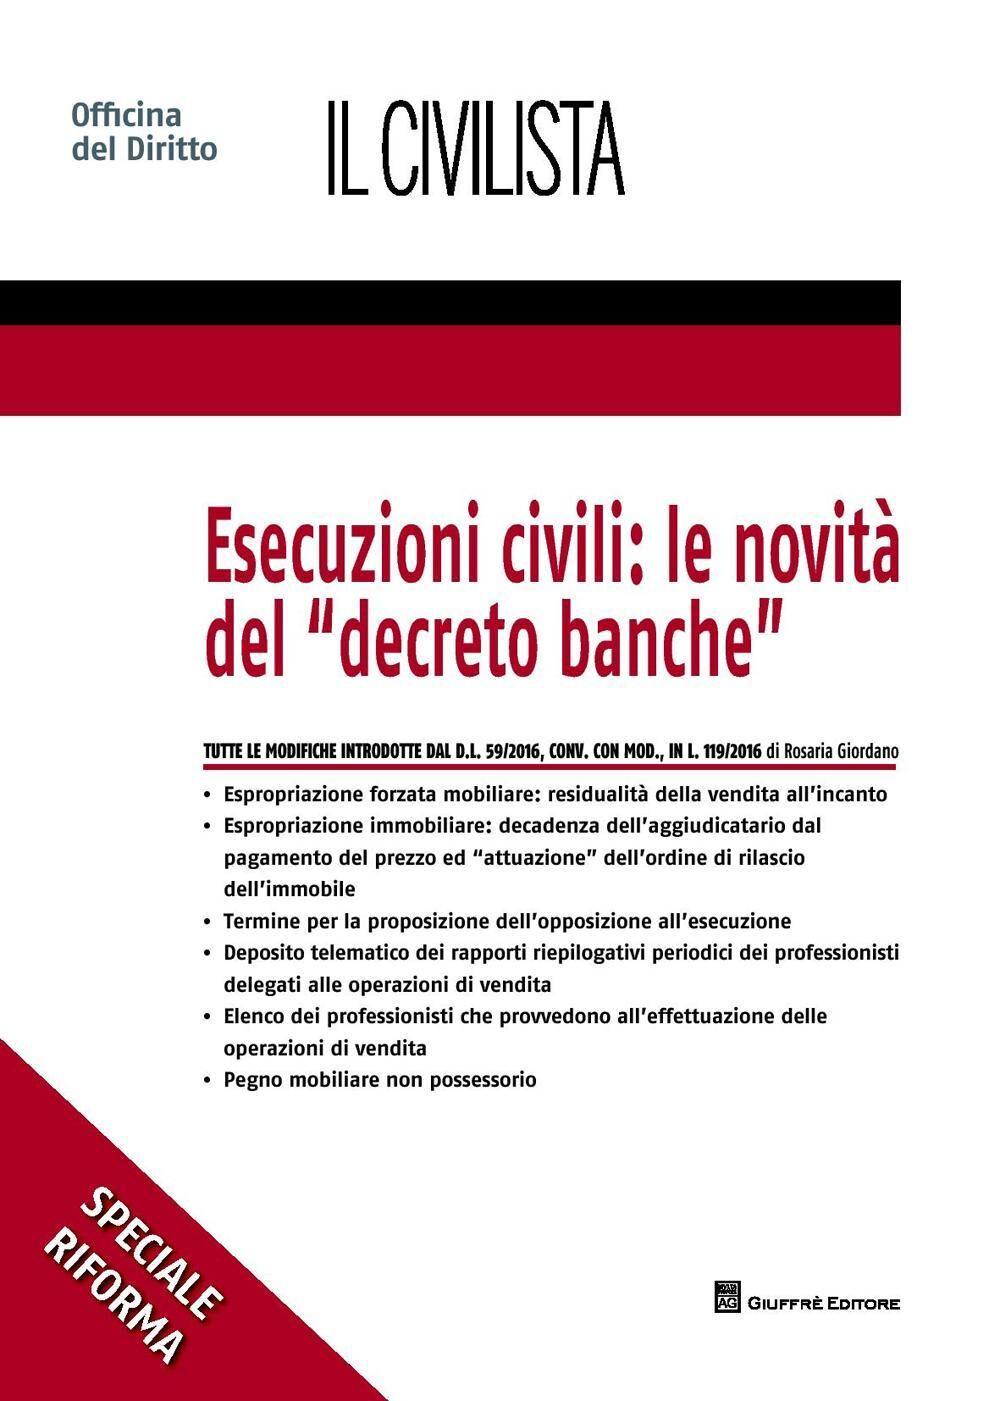 Esecuzioni civili: le novità del «decreto banche»